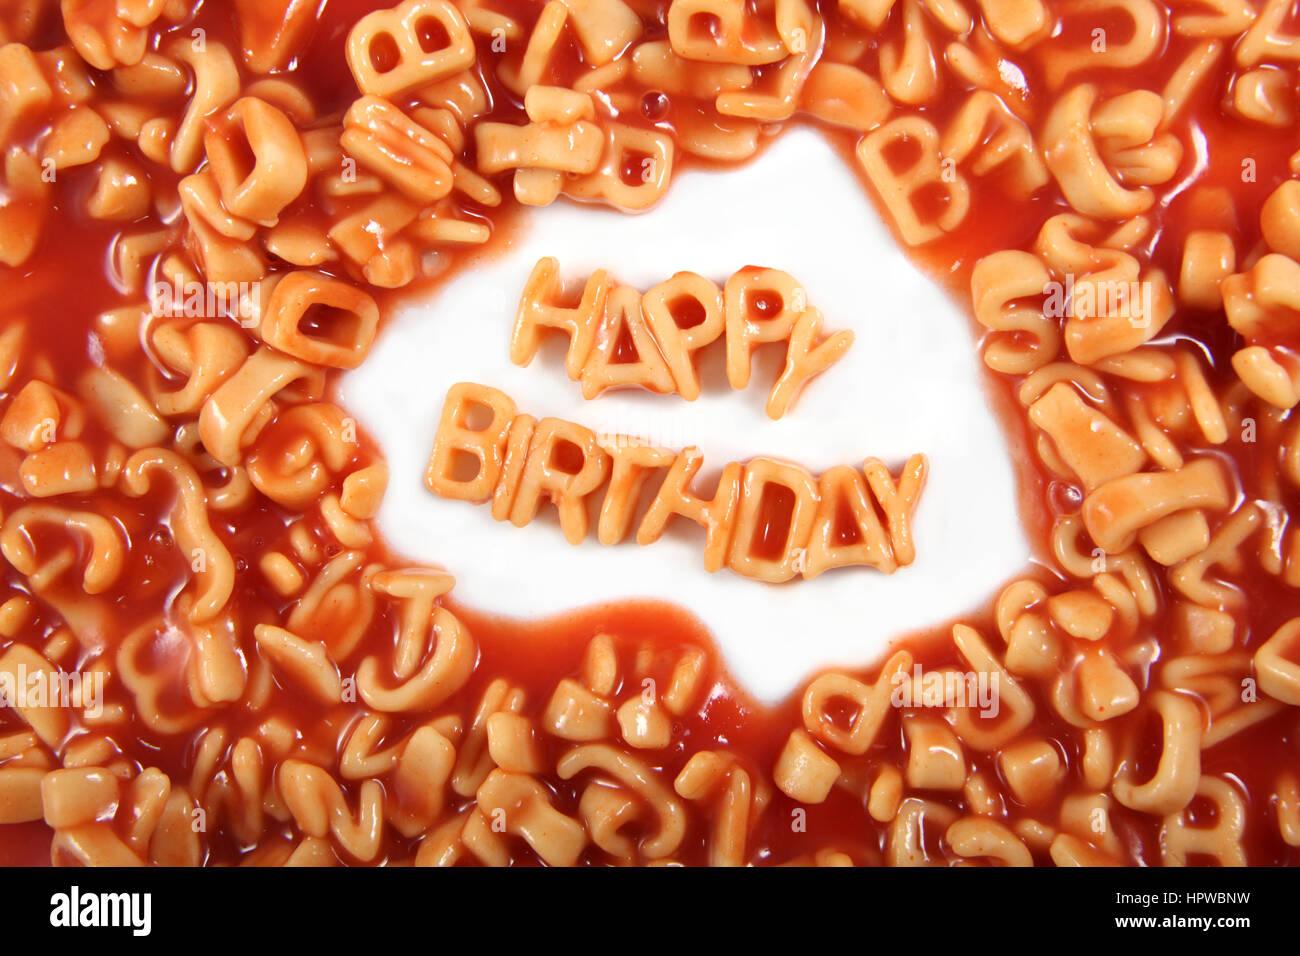 Joyeux anniversaire écrit en lettres pâtes spaghetti entouré de lettres brouillées. Photo Stock